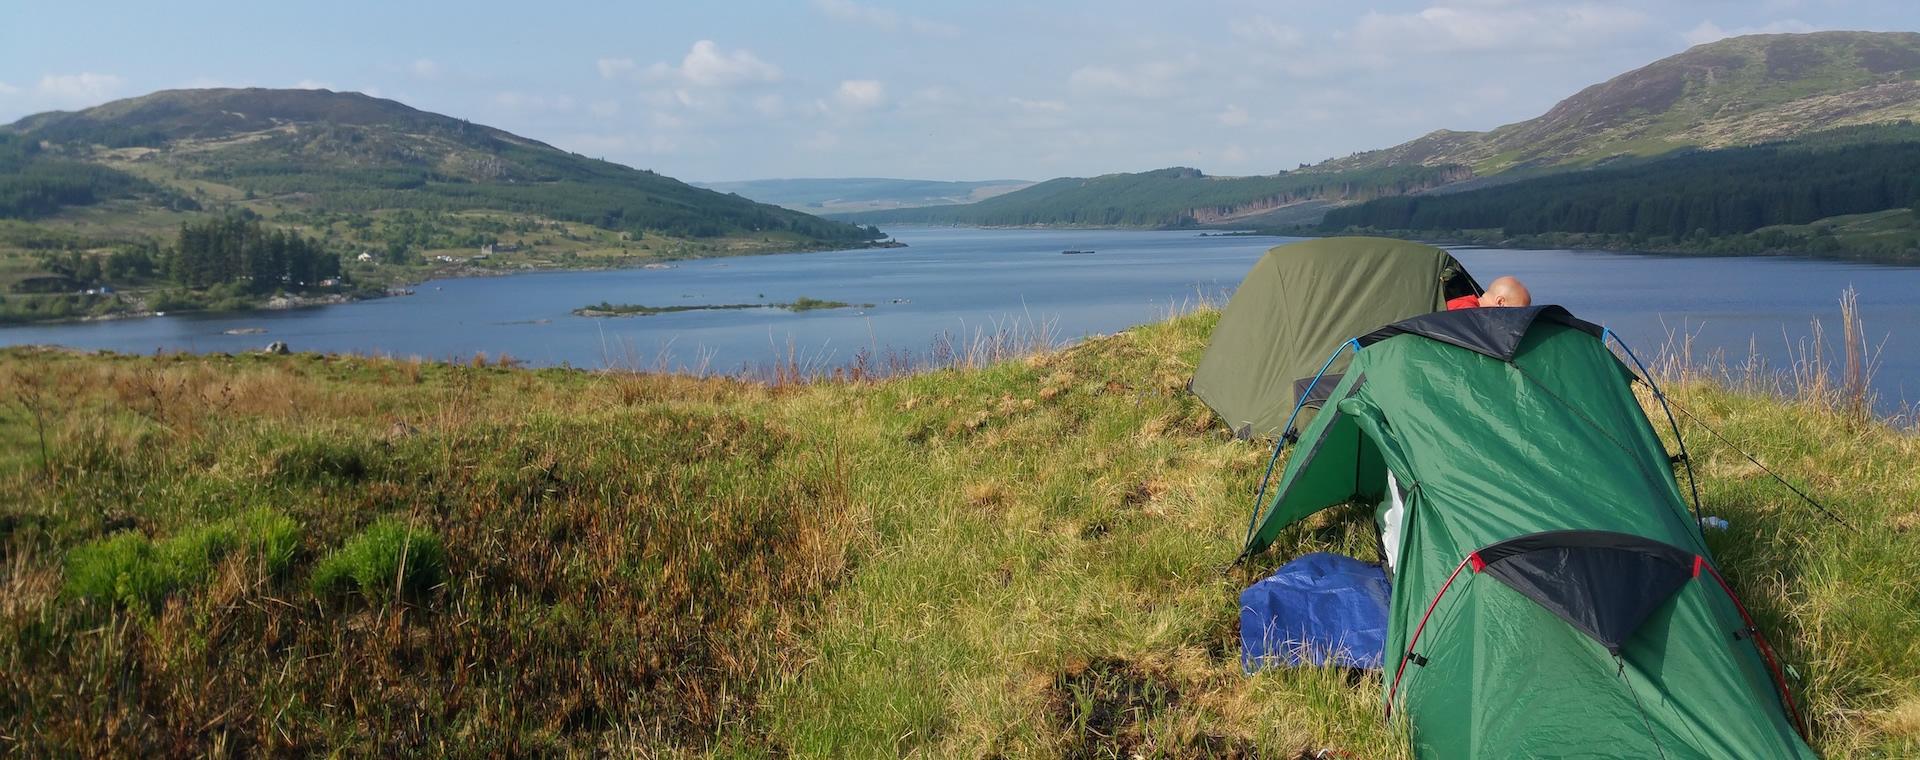 Canoe camping Loch doon